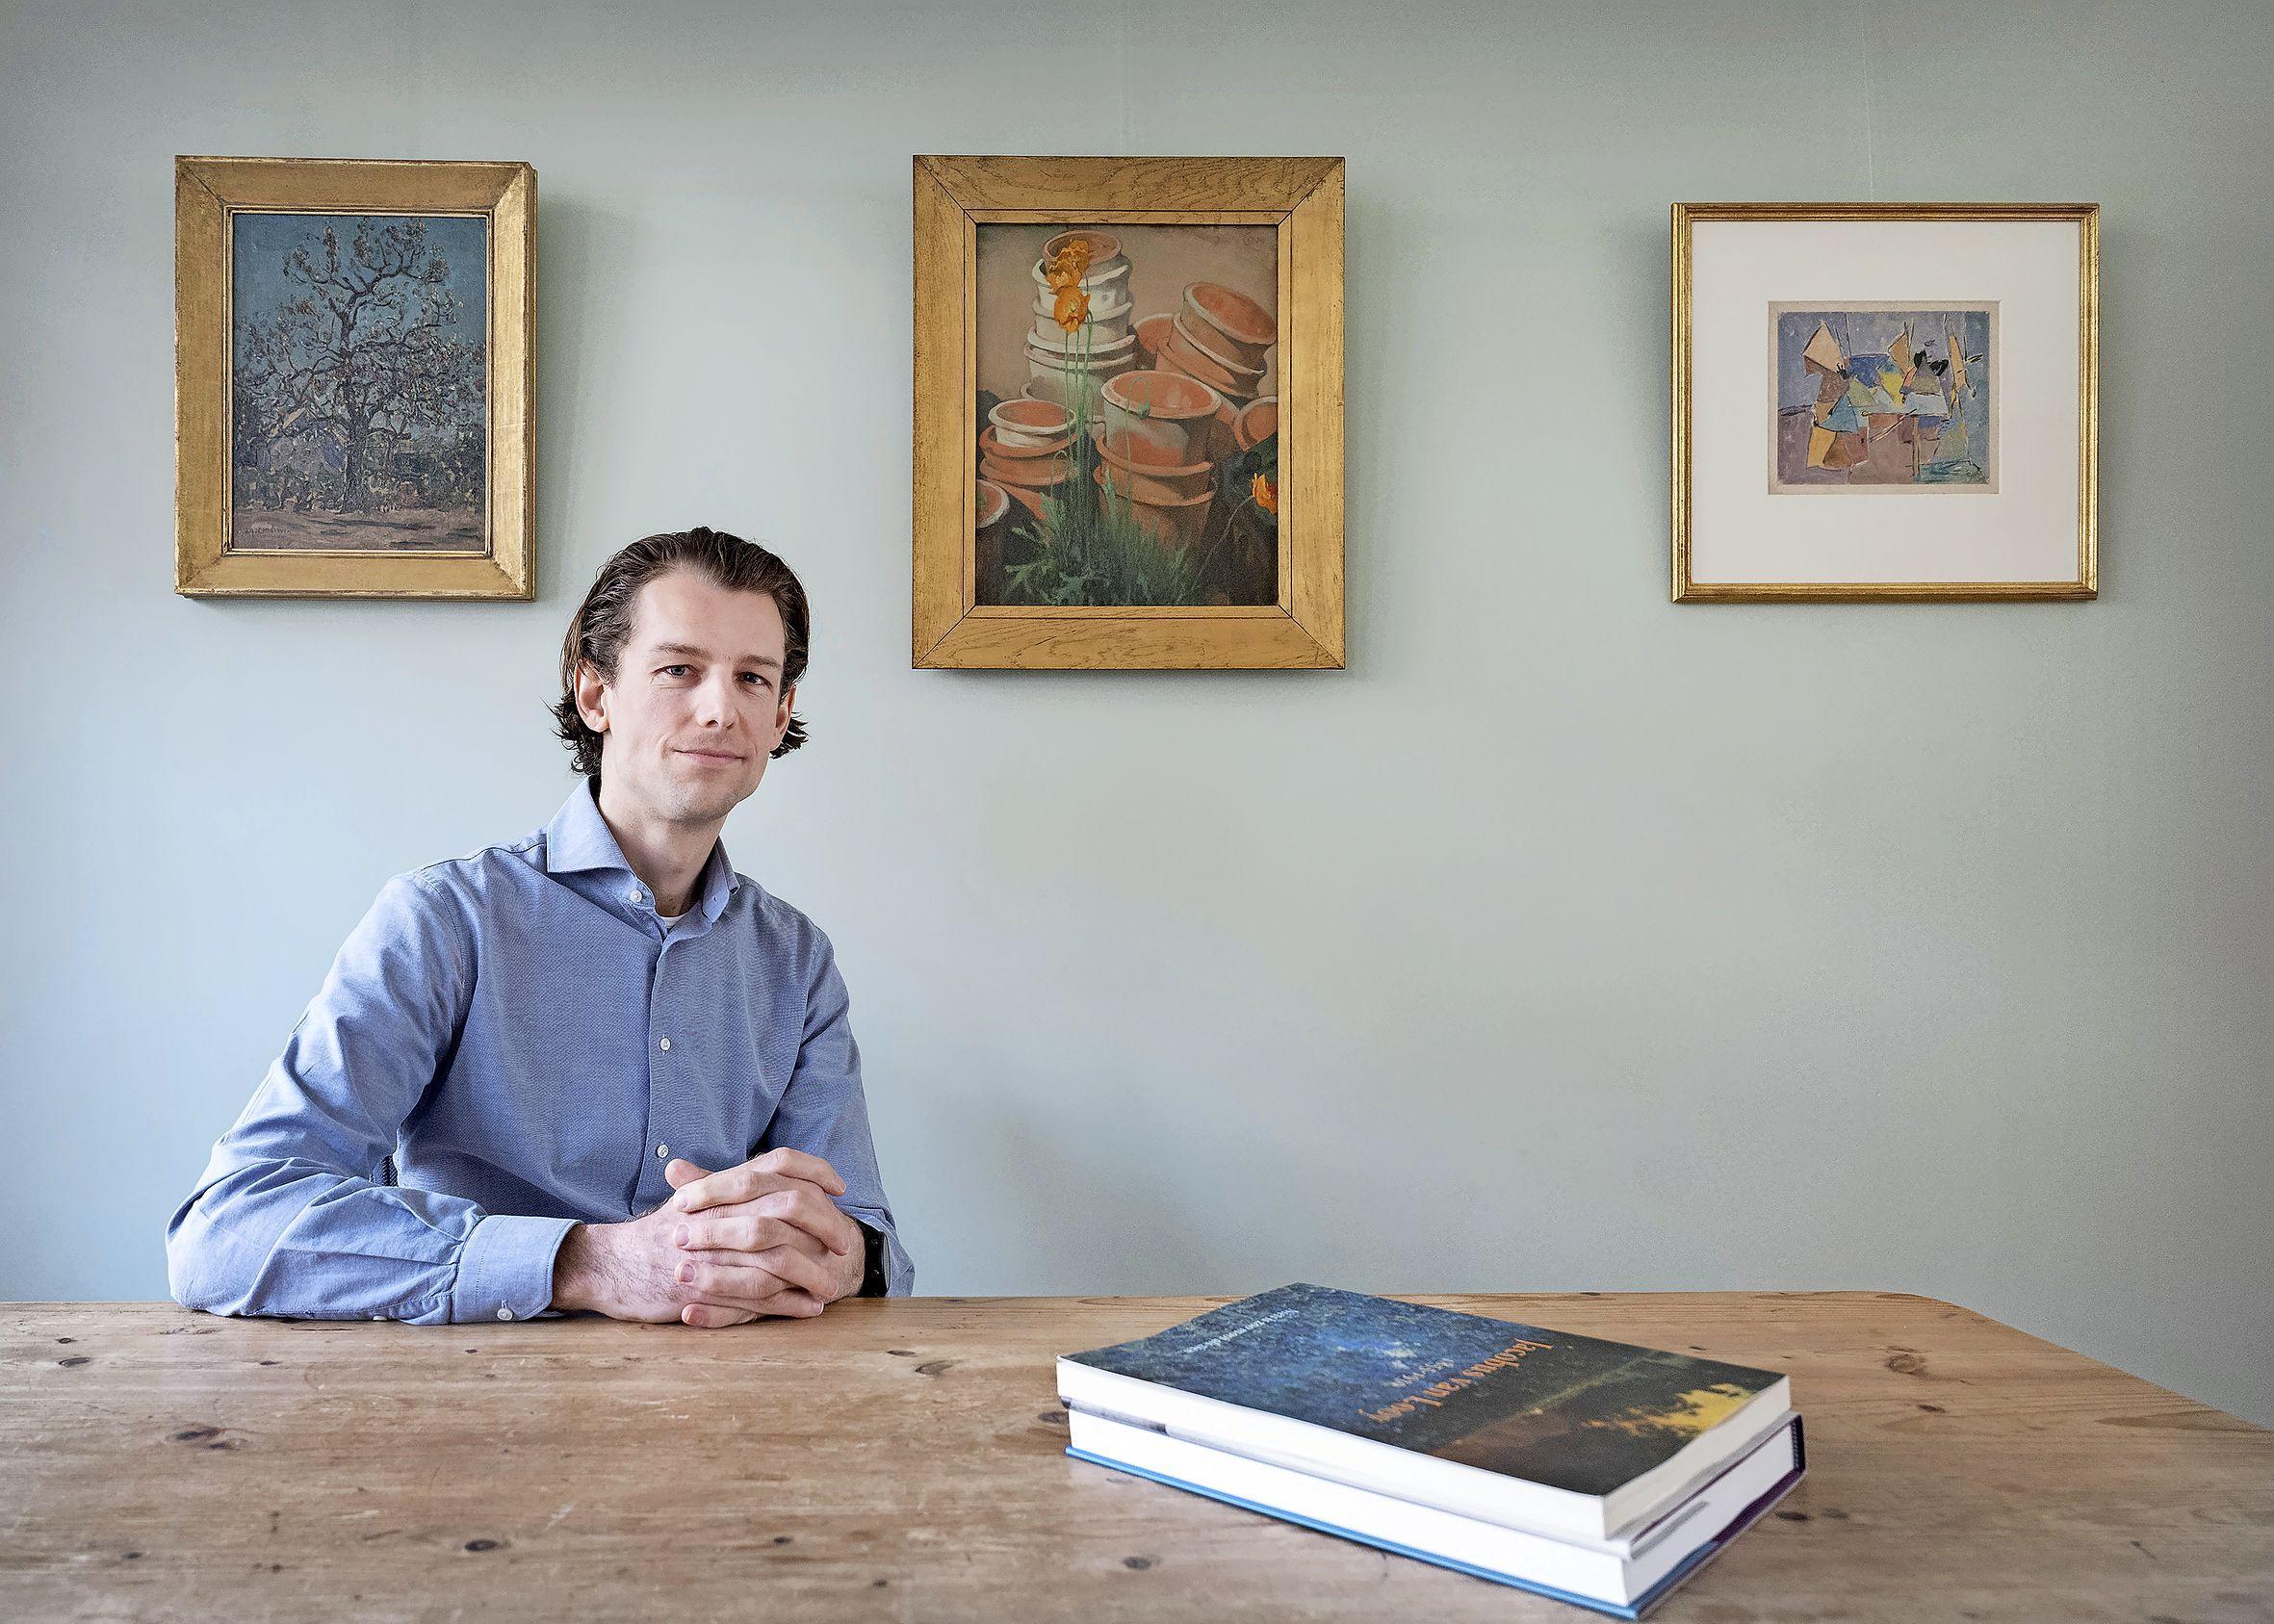 Bij kunsthandelaar Floris hangen de schilderijen thuis aan de muur. 'Ik bouw dit vanuit passie op, daar hoort gesjoemel niet bij'